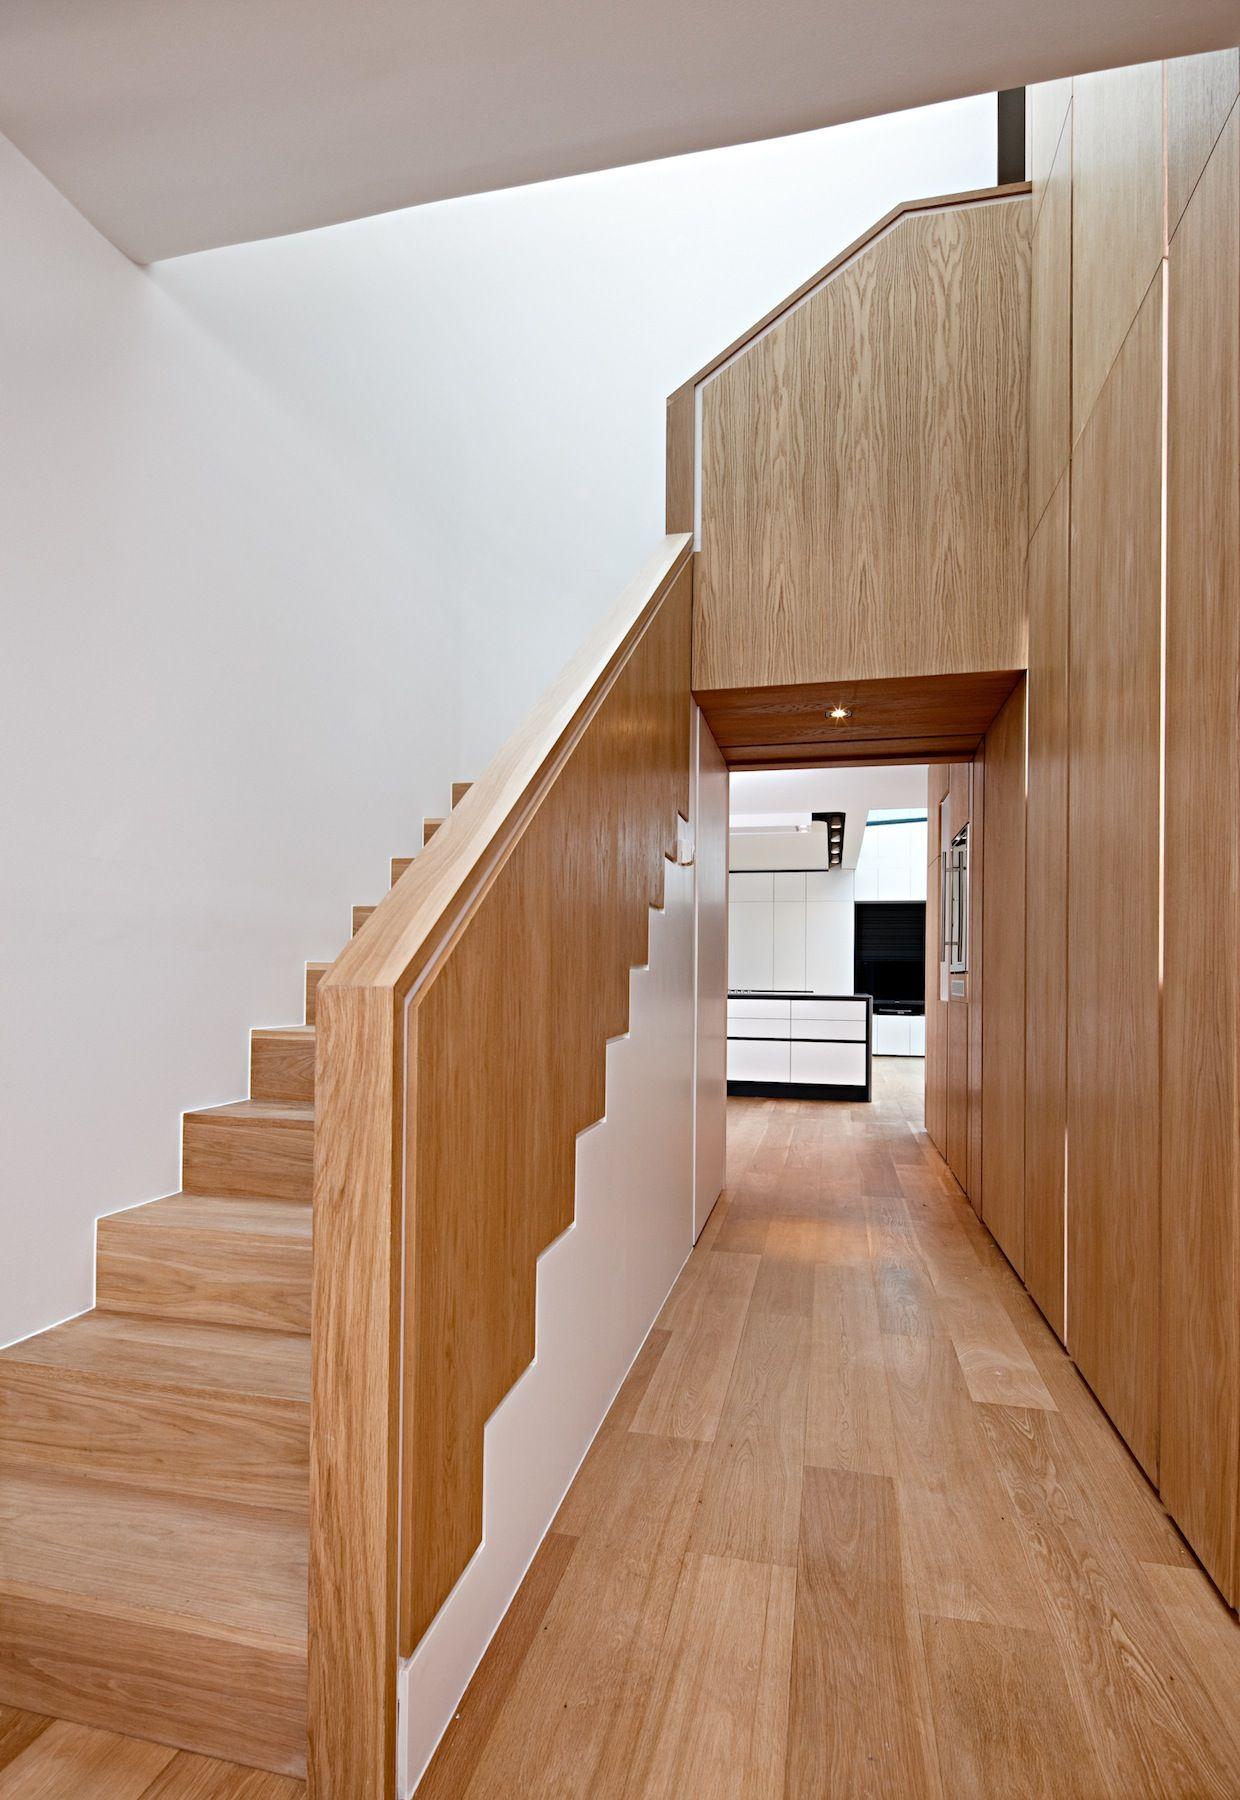 Pembroke Gardens Oak Stairwell | WOOD PANELING | Pinterest | Wood ...